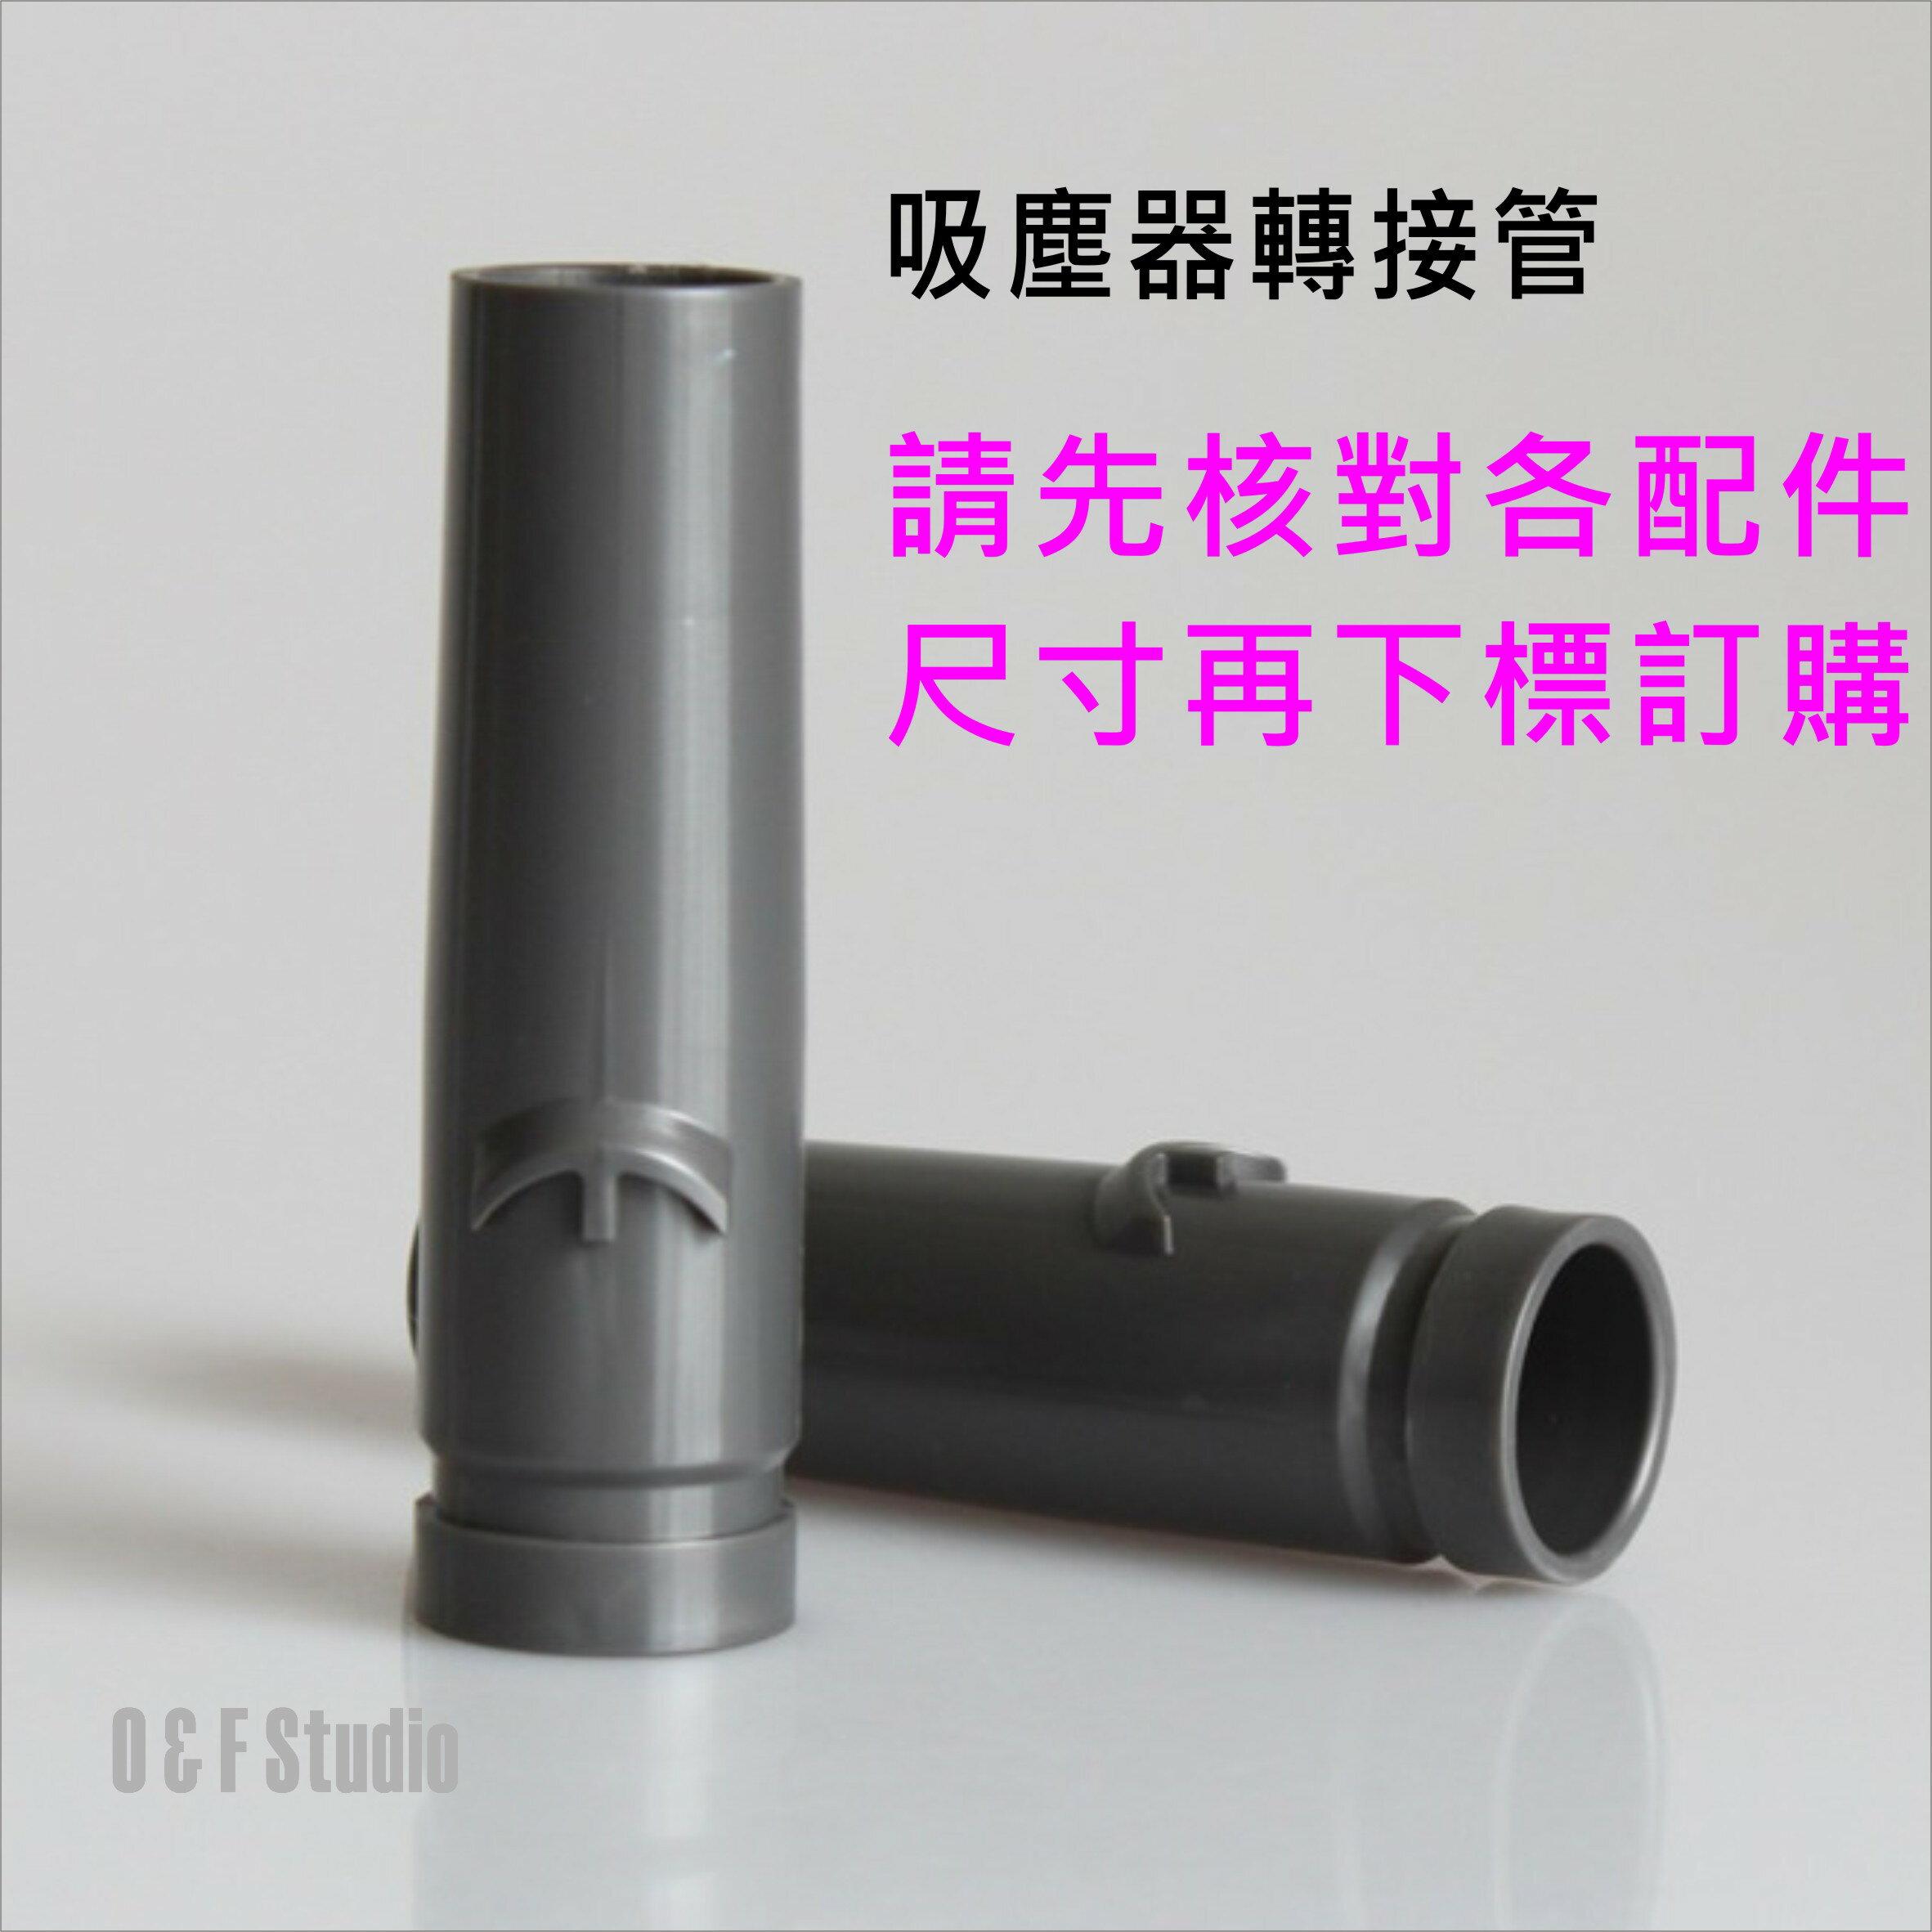 吸塵器轉接管 戴森吸塵器轉接管DC系列V6系列轉接直徑31~33mm轉接管 吸塵袋 集塵袋【居家達人VBC005】